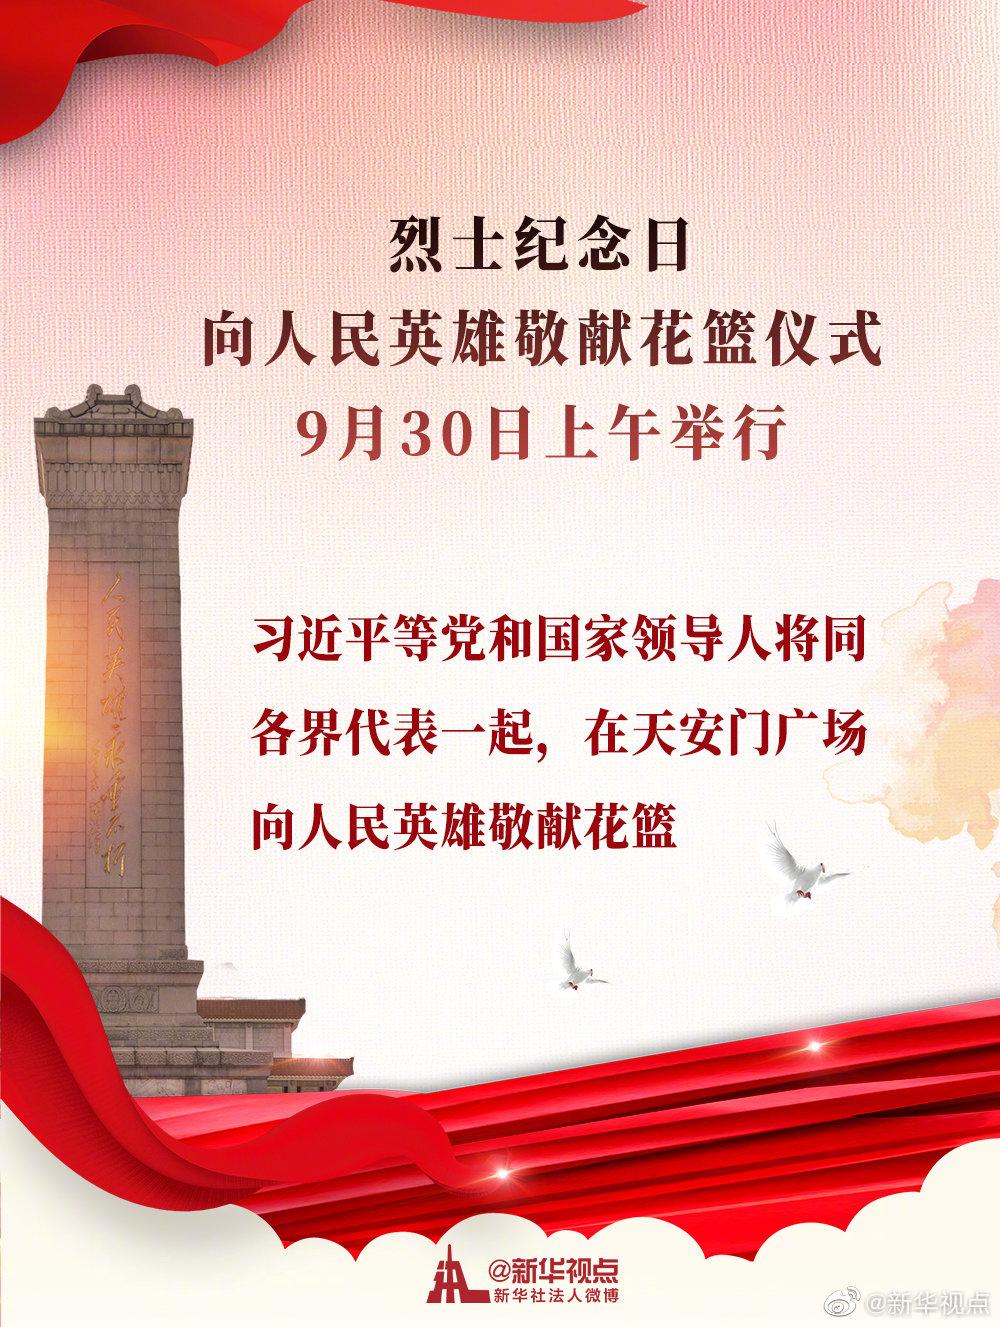 烈士纪念日向人民英雄敬献花篮仪式9月30日上午举行 习大大等党和国家领导人将出席图片